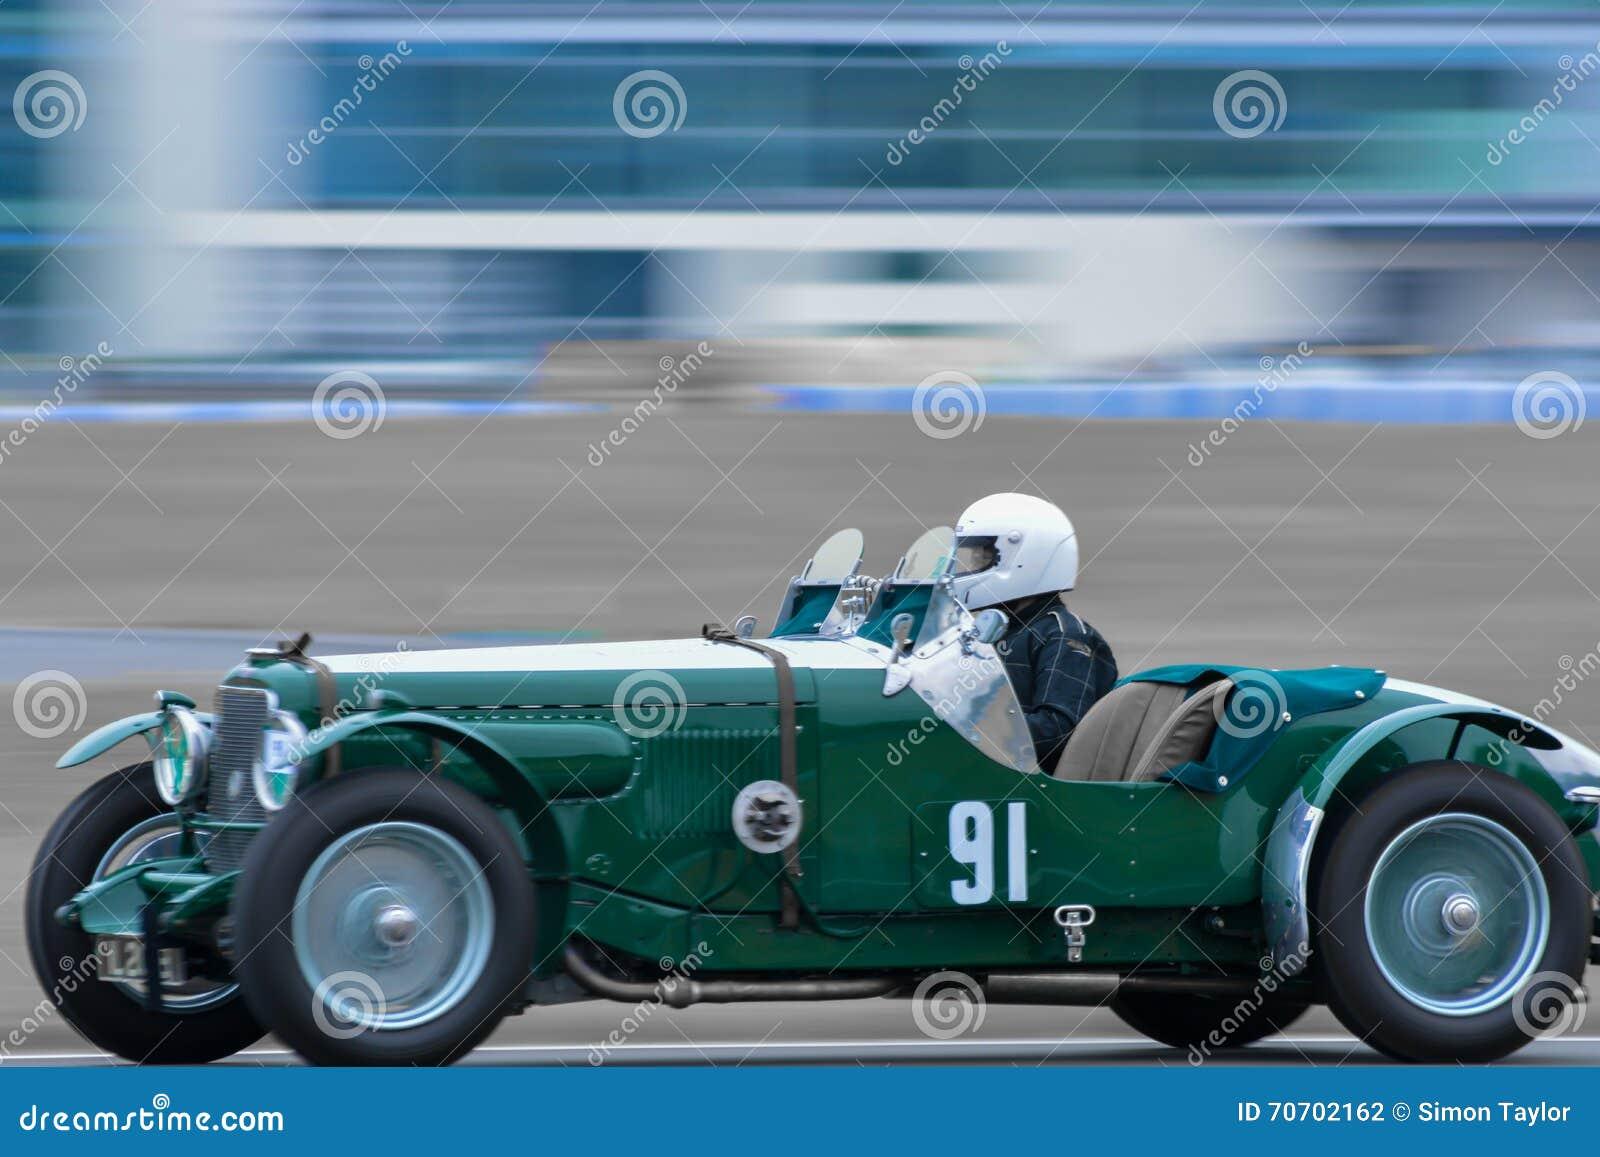 Voiture Pilote Course Sport Vintage De Photographie Nm08nw